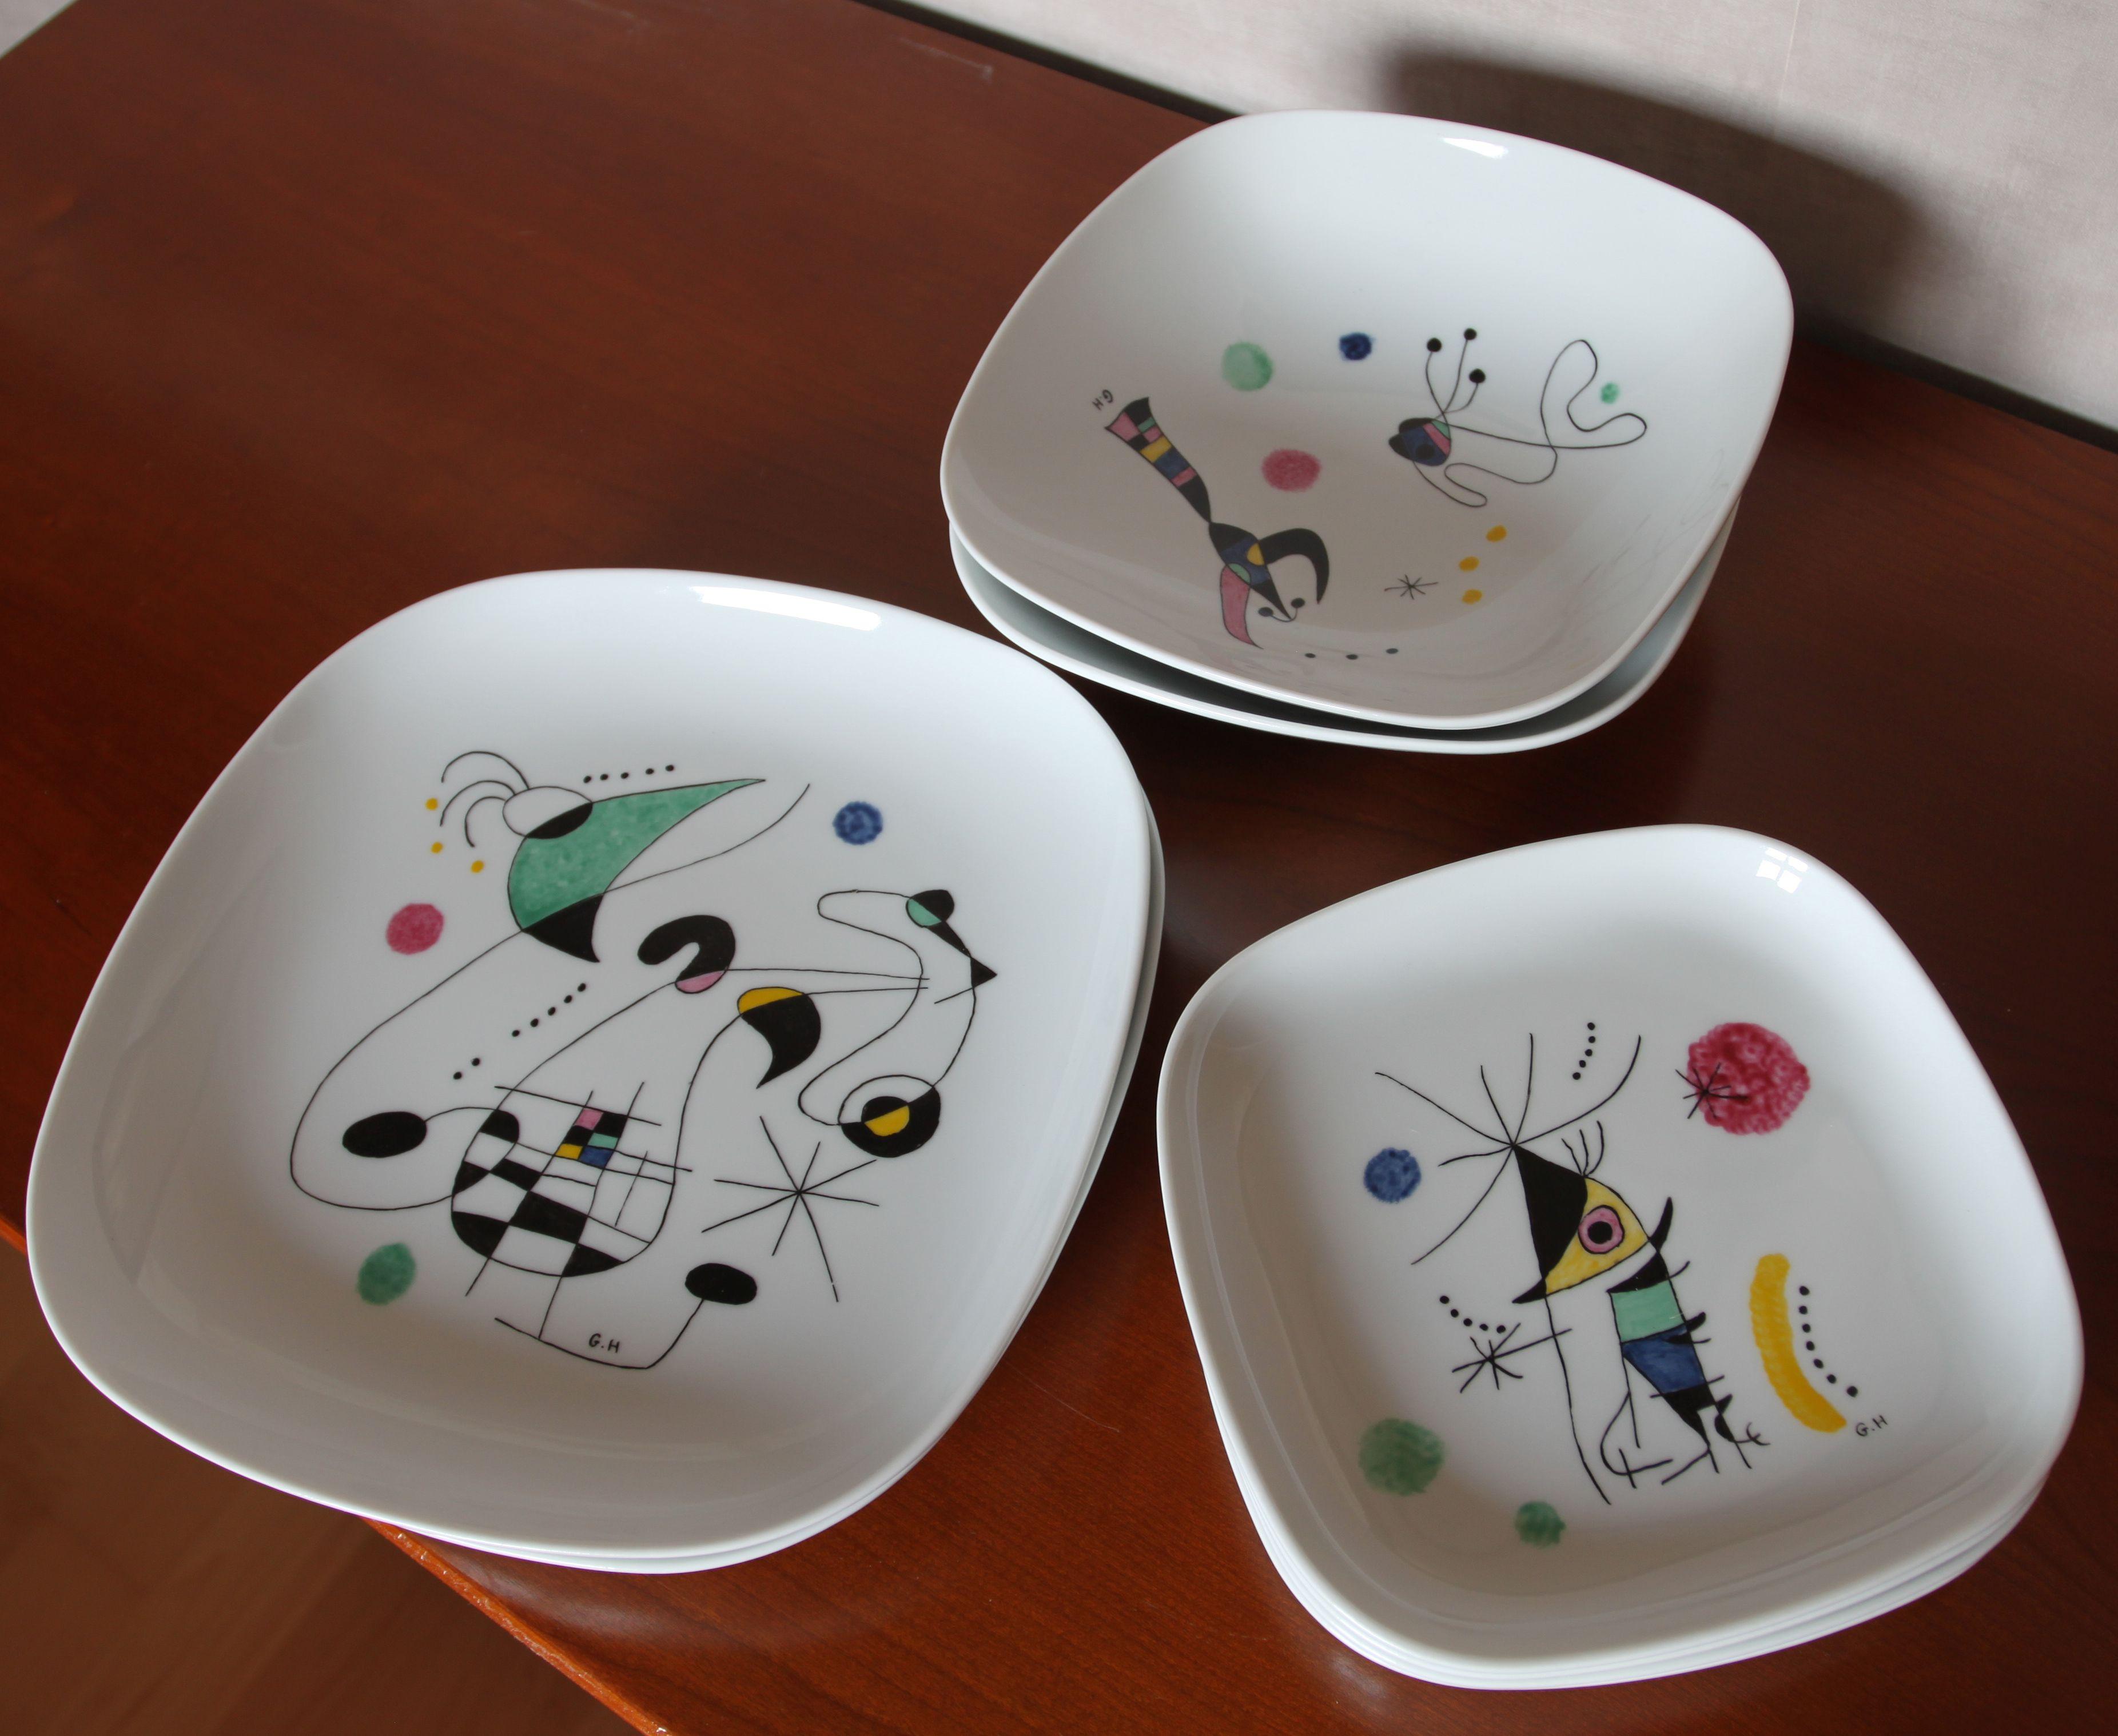 Peinture Sur Porcelaine Assiette assiettes : peinture sur porcelaine inspiration joan miro